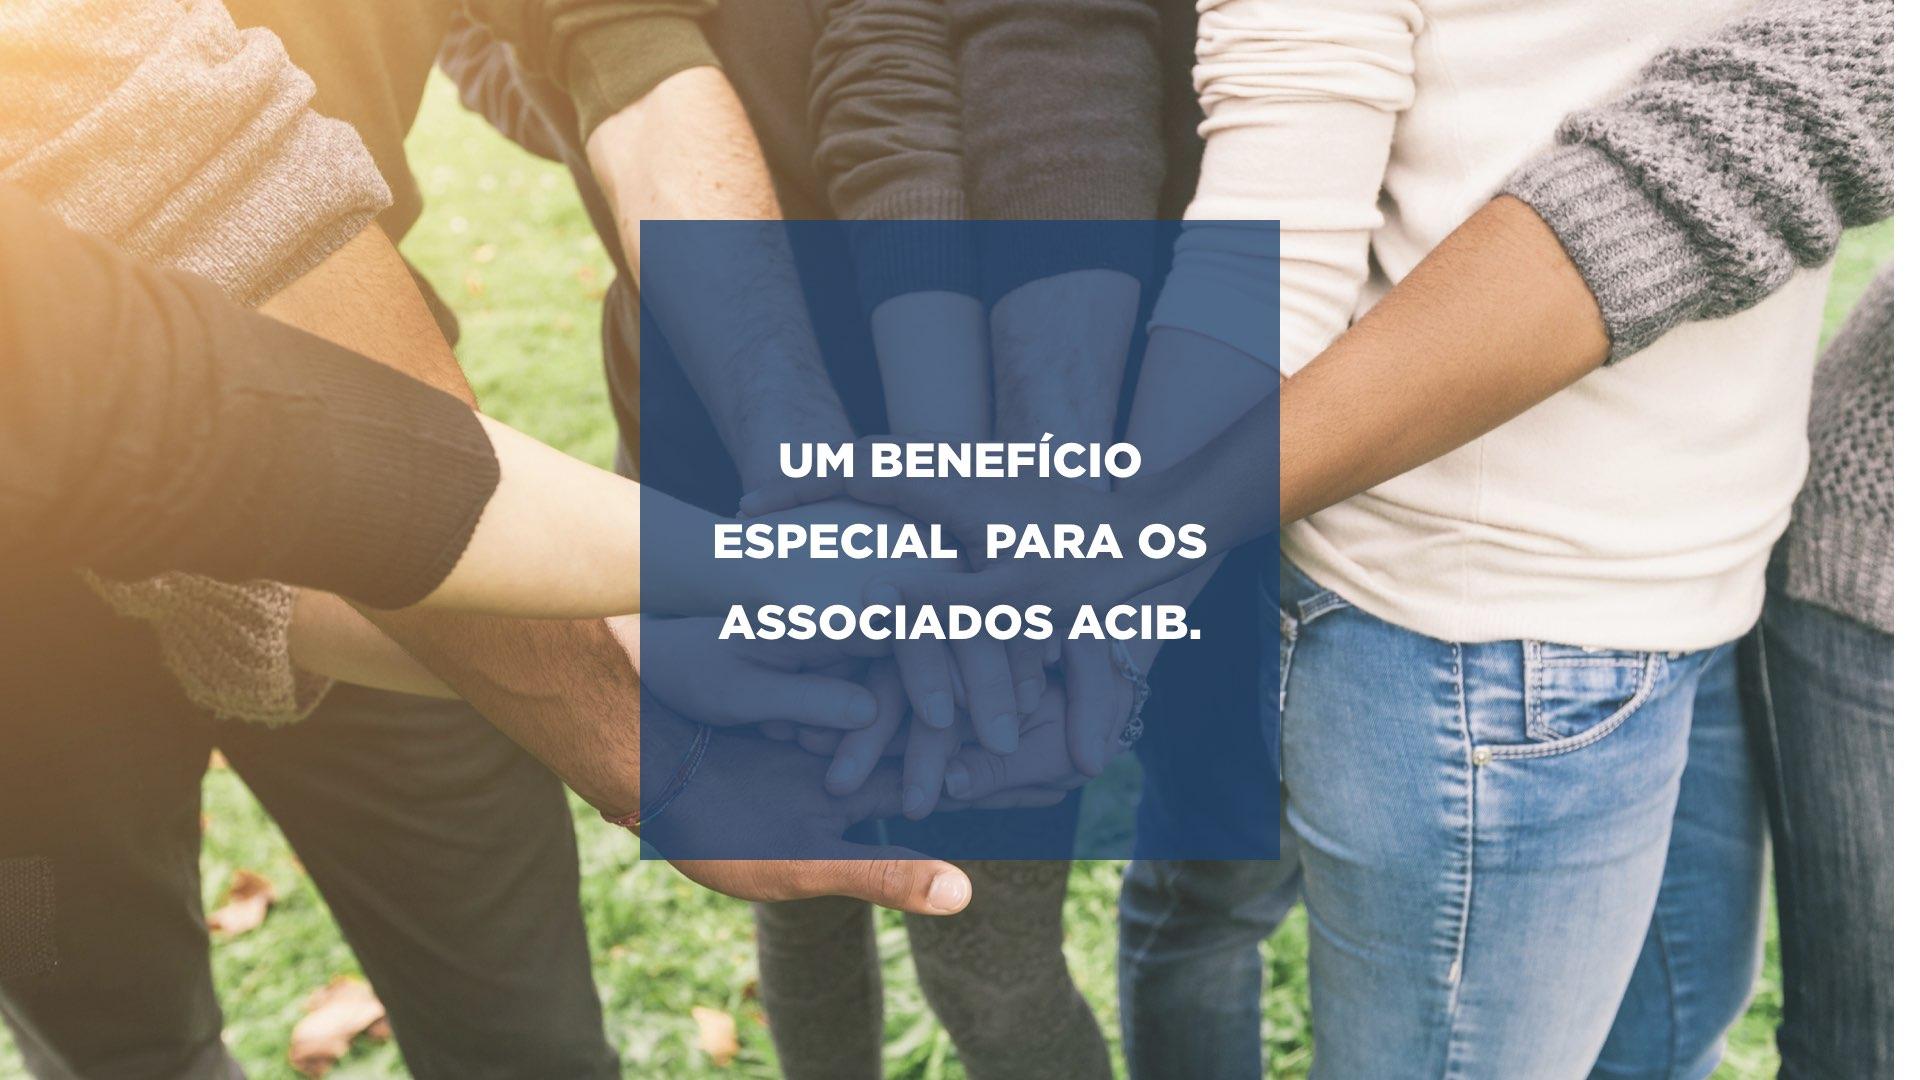 L-apres ACIB Consultoria CURTA - portfolio jun2016.007.jpeg